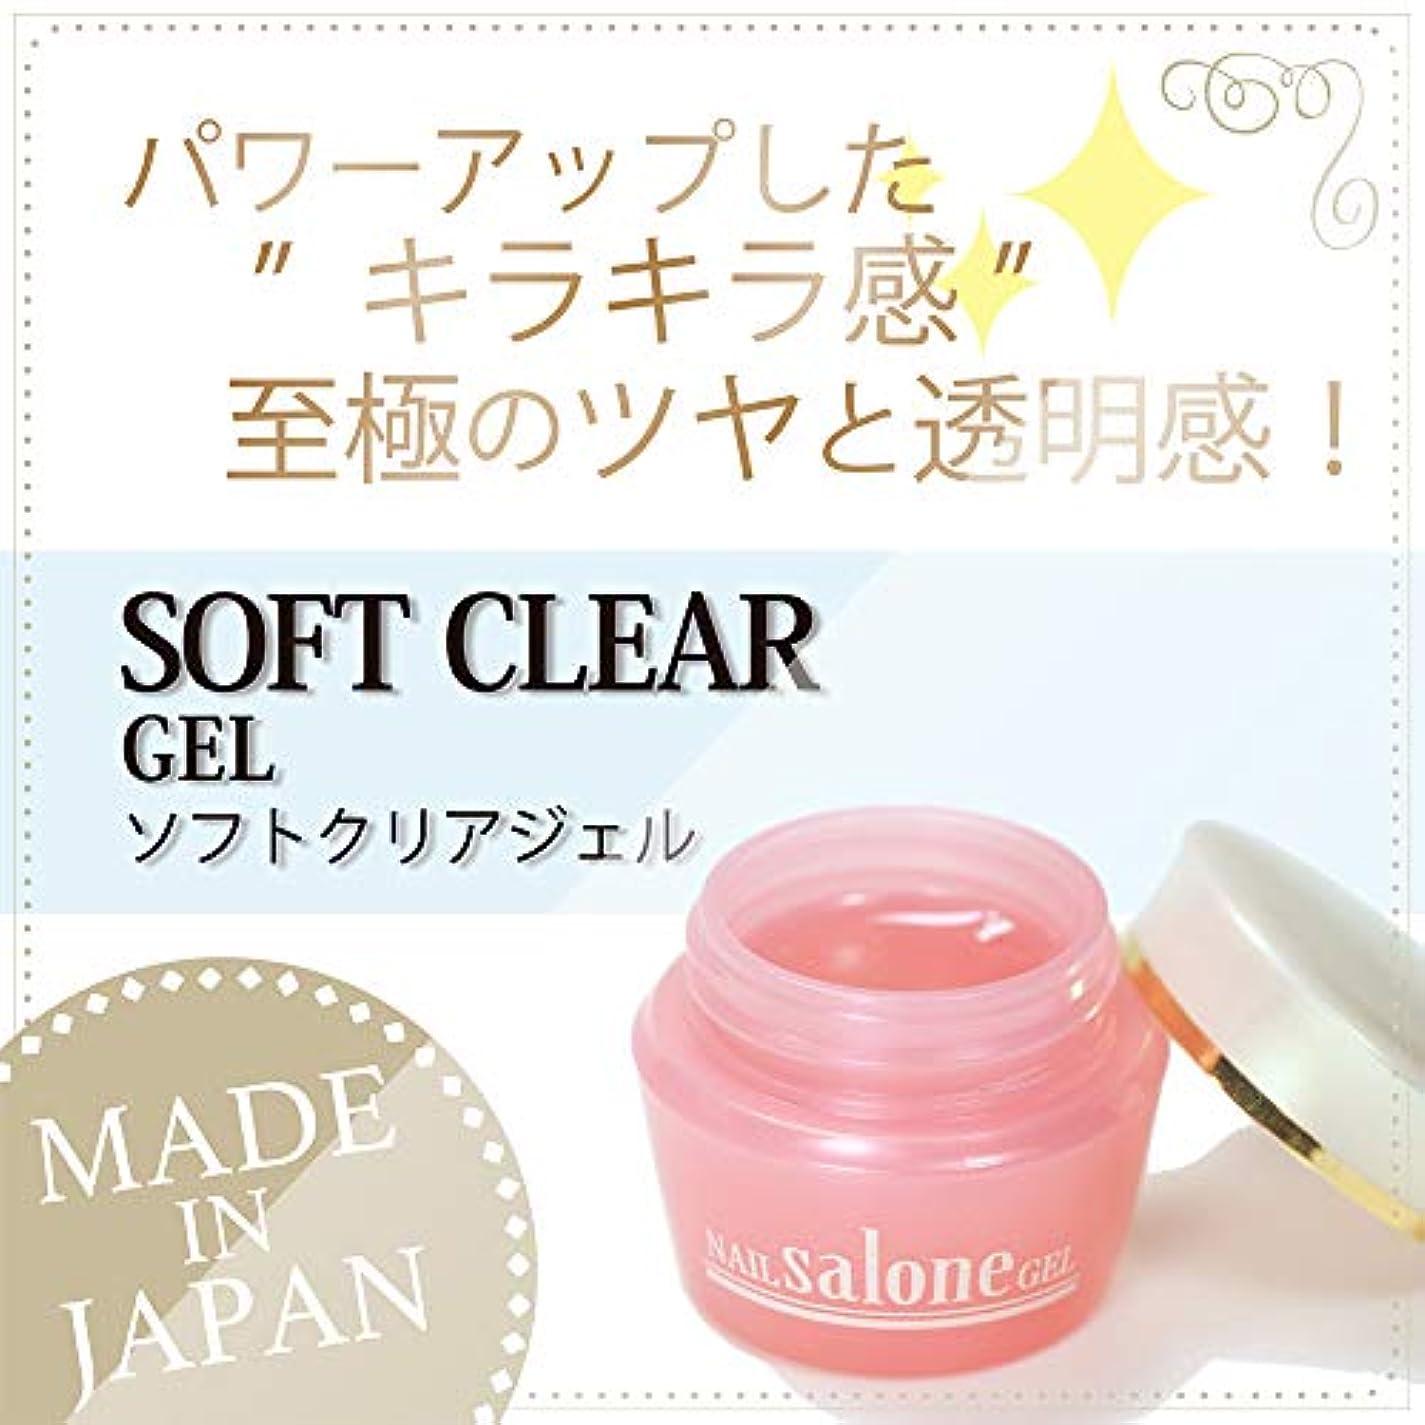 北追い越すインドSalone gel サローネ ソフトクリアージェル ツヤツヤ キラキラ感持続 抜群のツヤ 爪に優しい日本製 3g